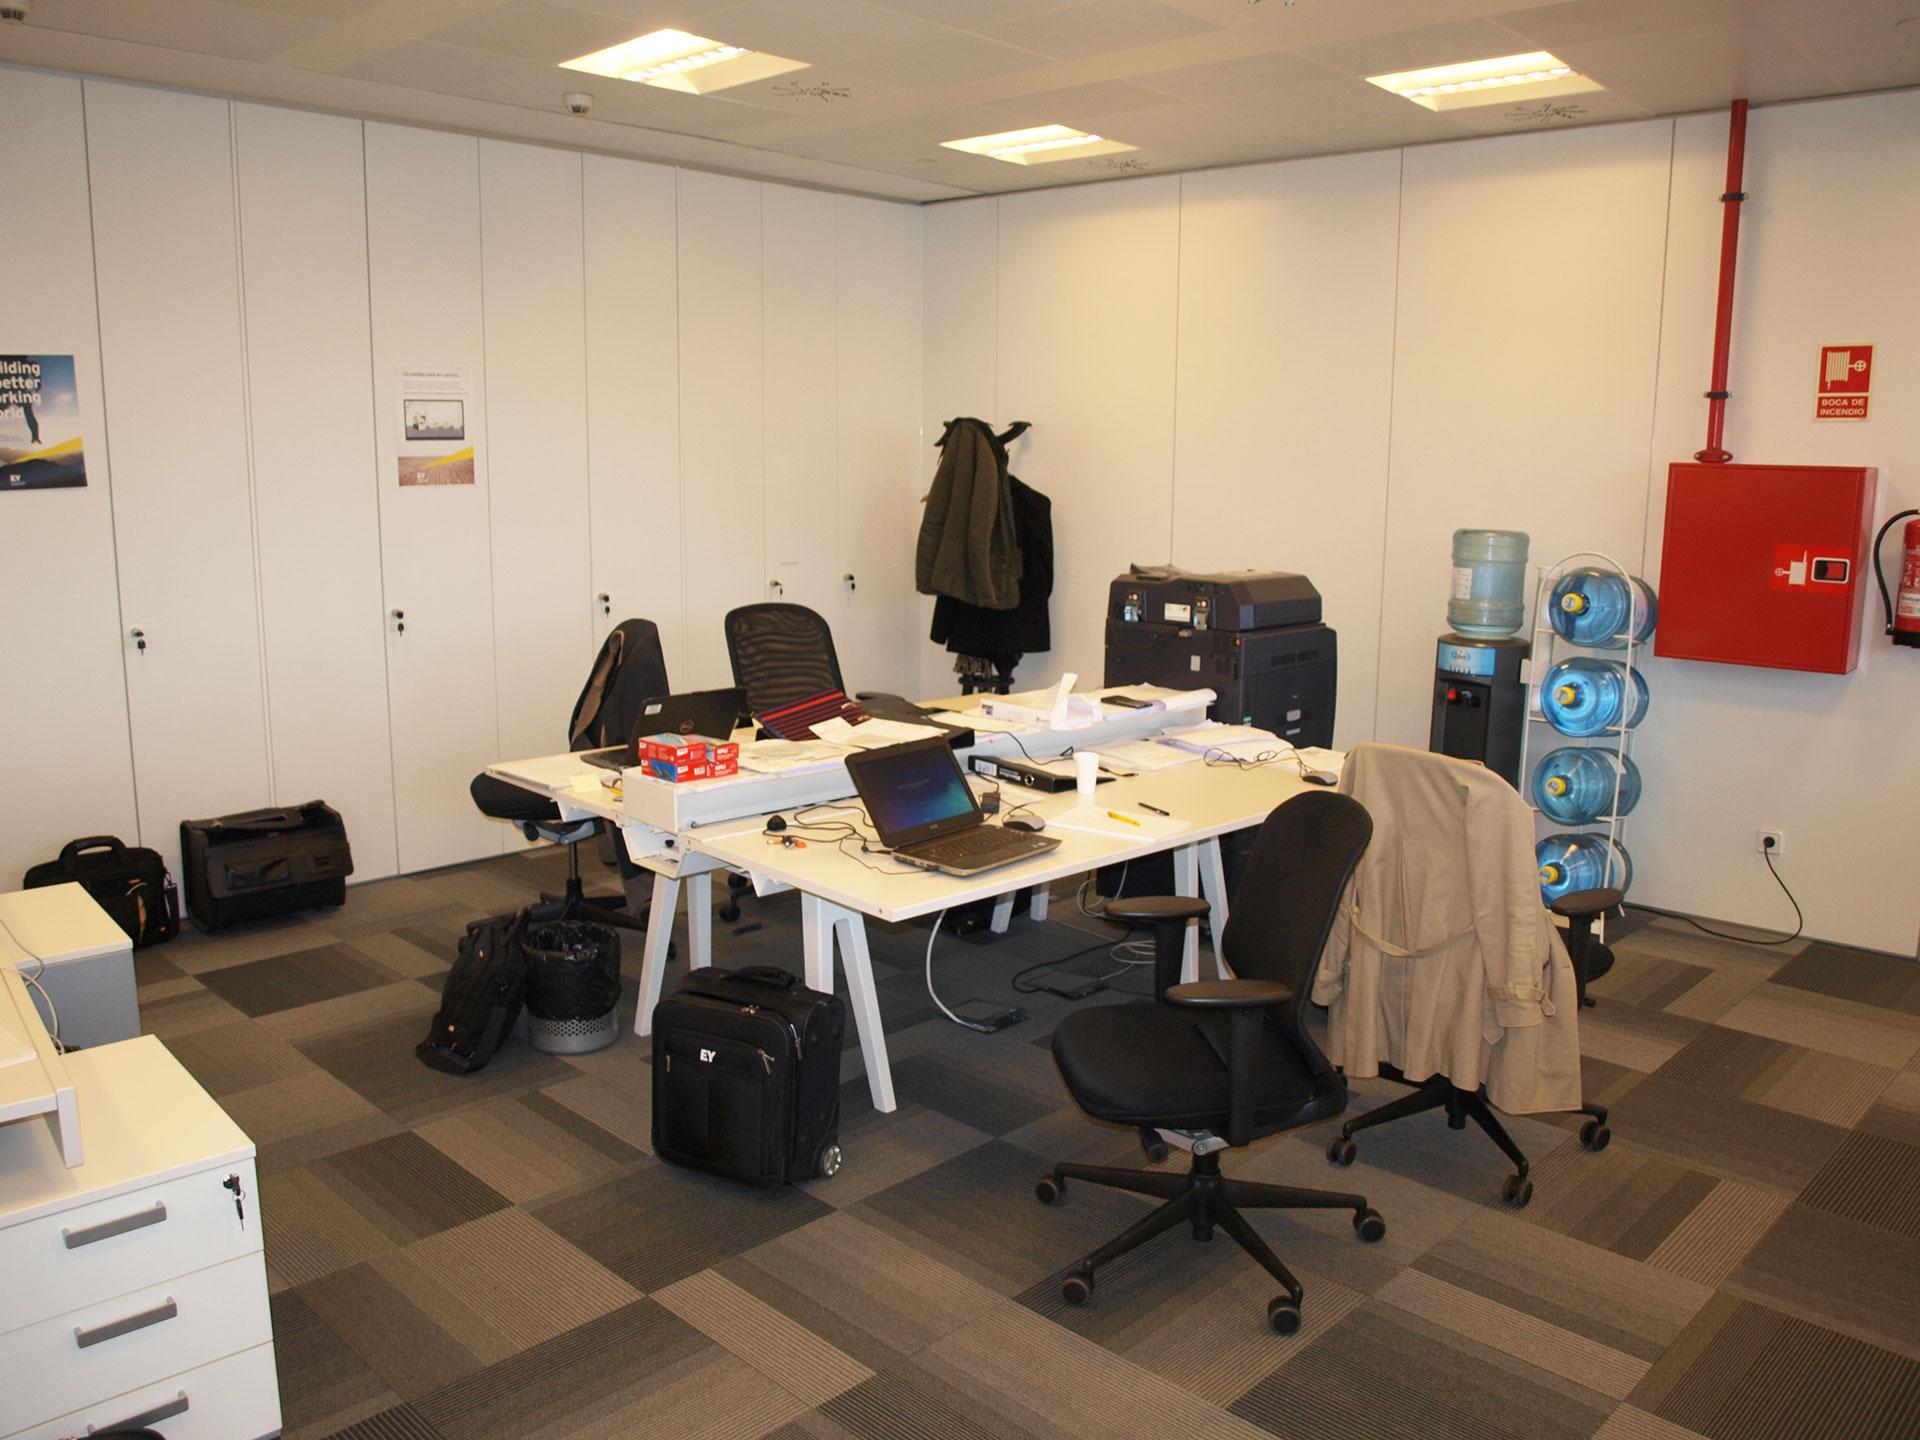 Ey torre iberdrola bilbao oficinas construccin for Mobiliario de oficina bilbao